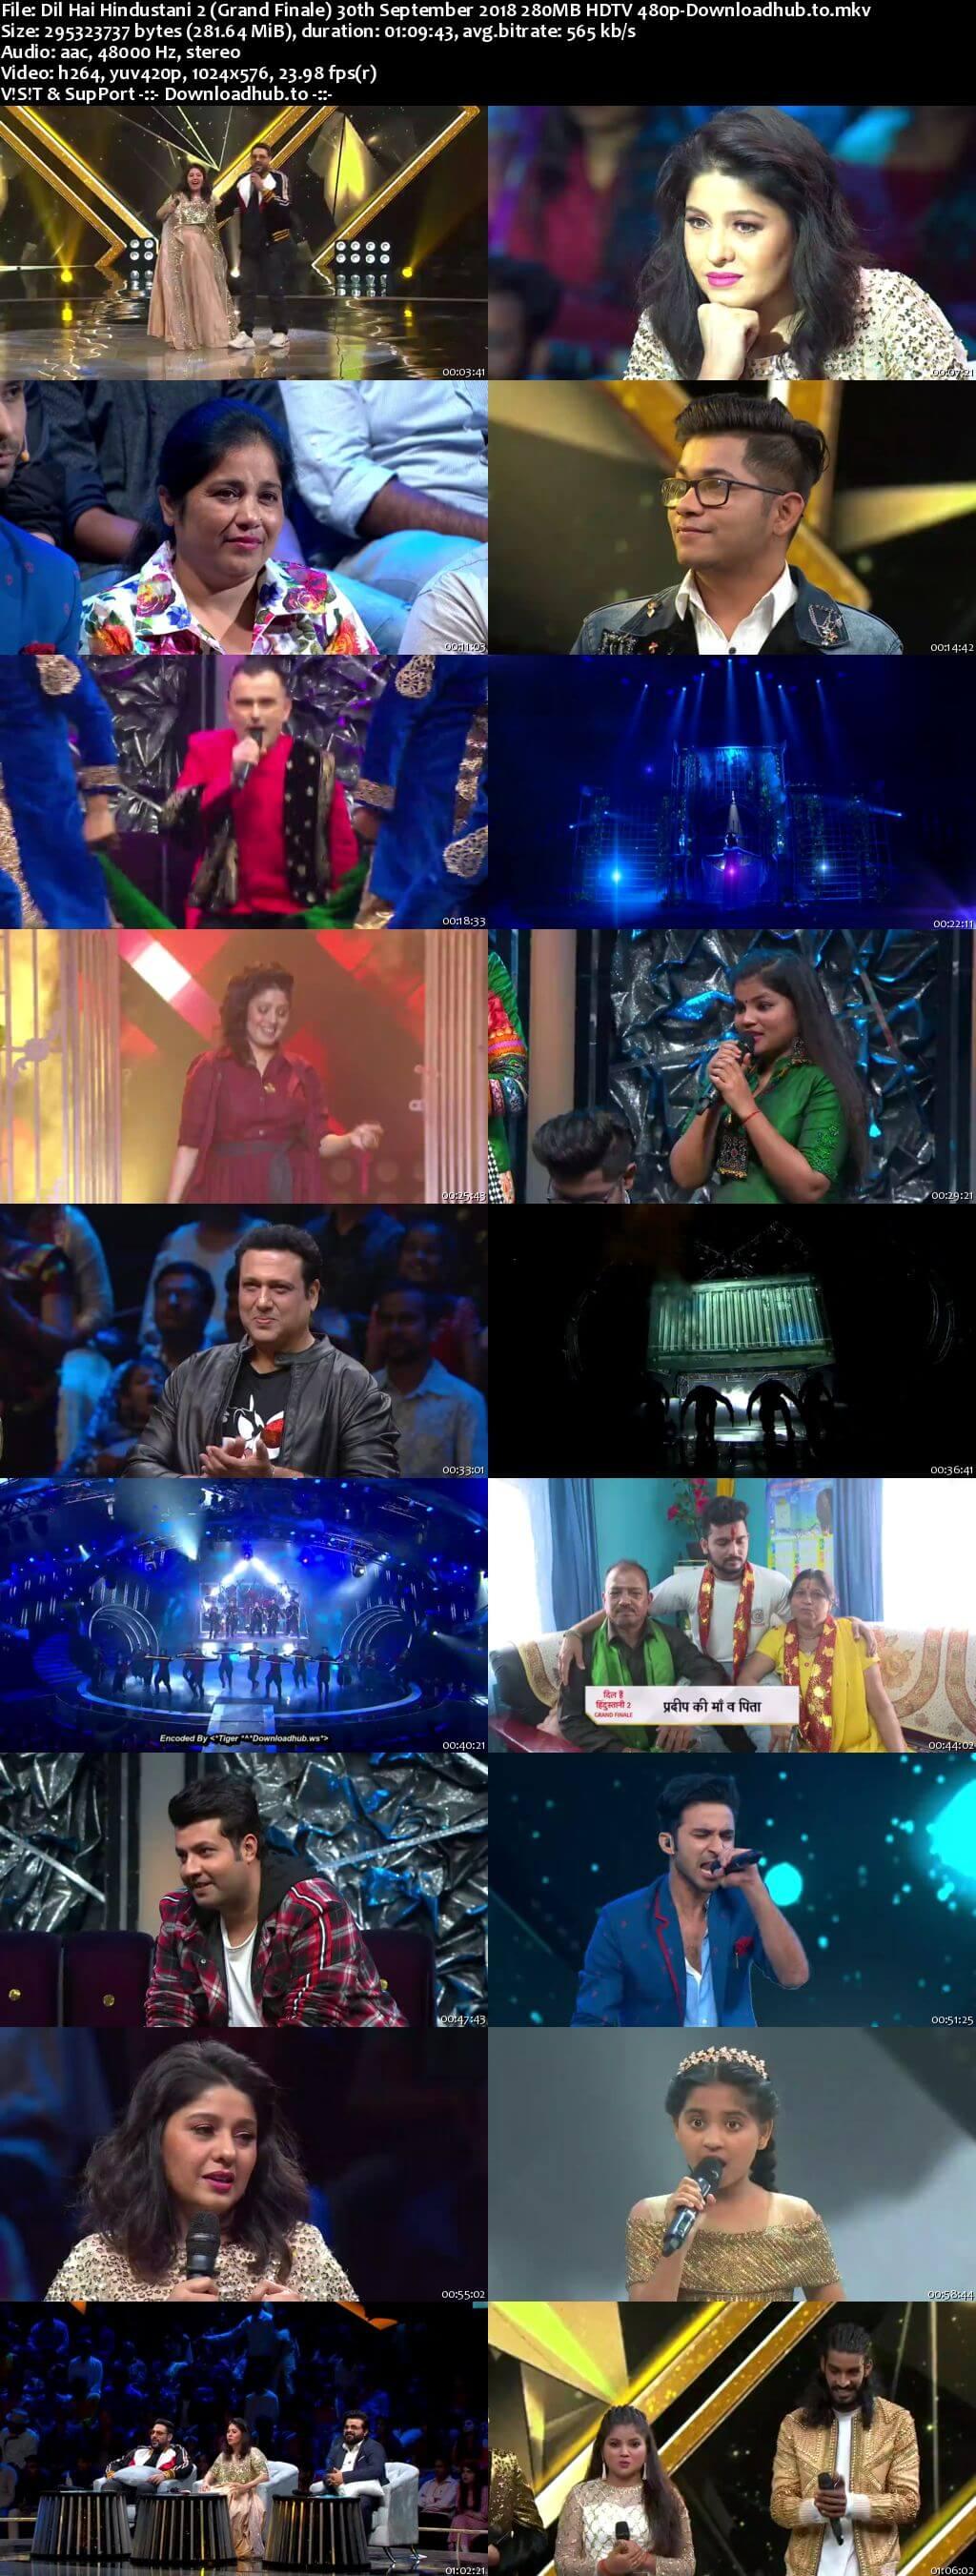 Dil Hai Hindustani 2 30 September 2018 Grand Finale Episode HDTV 480p